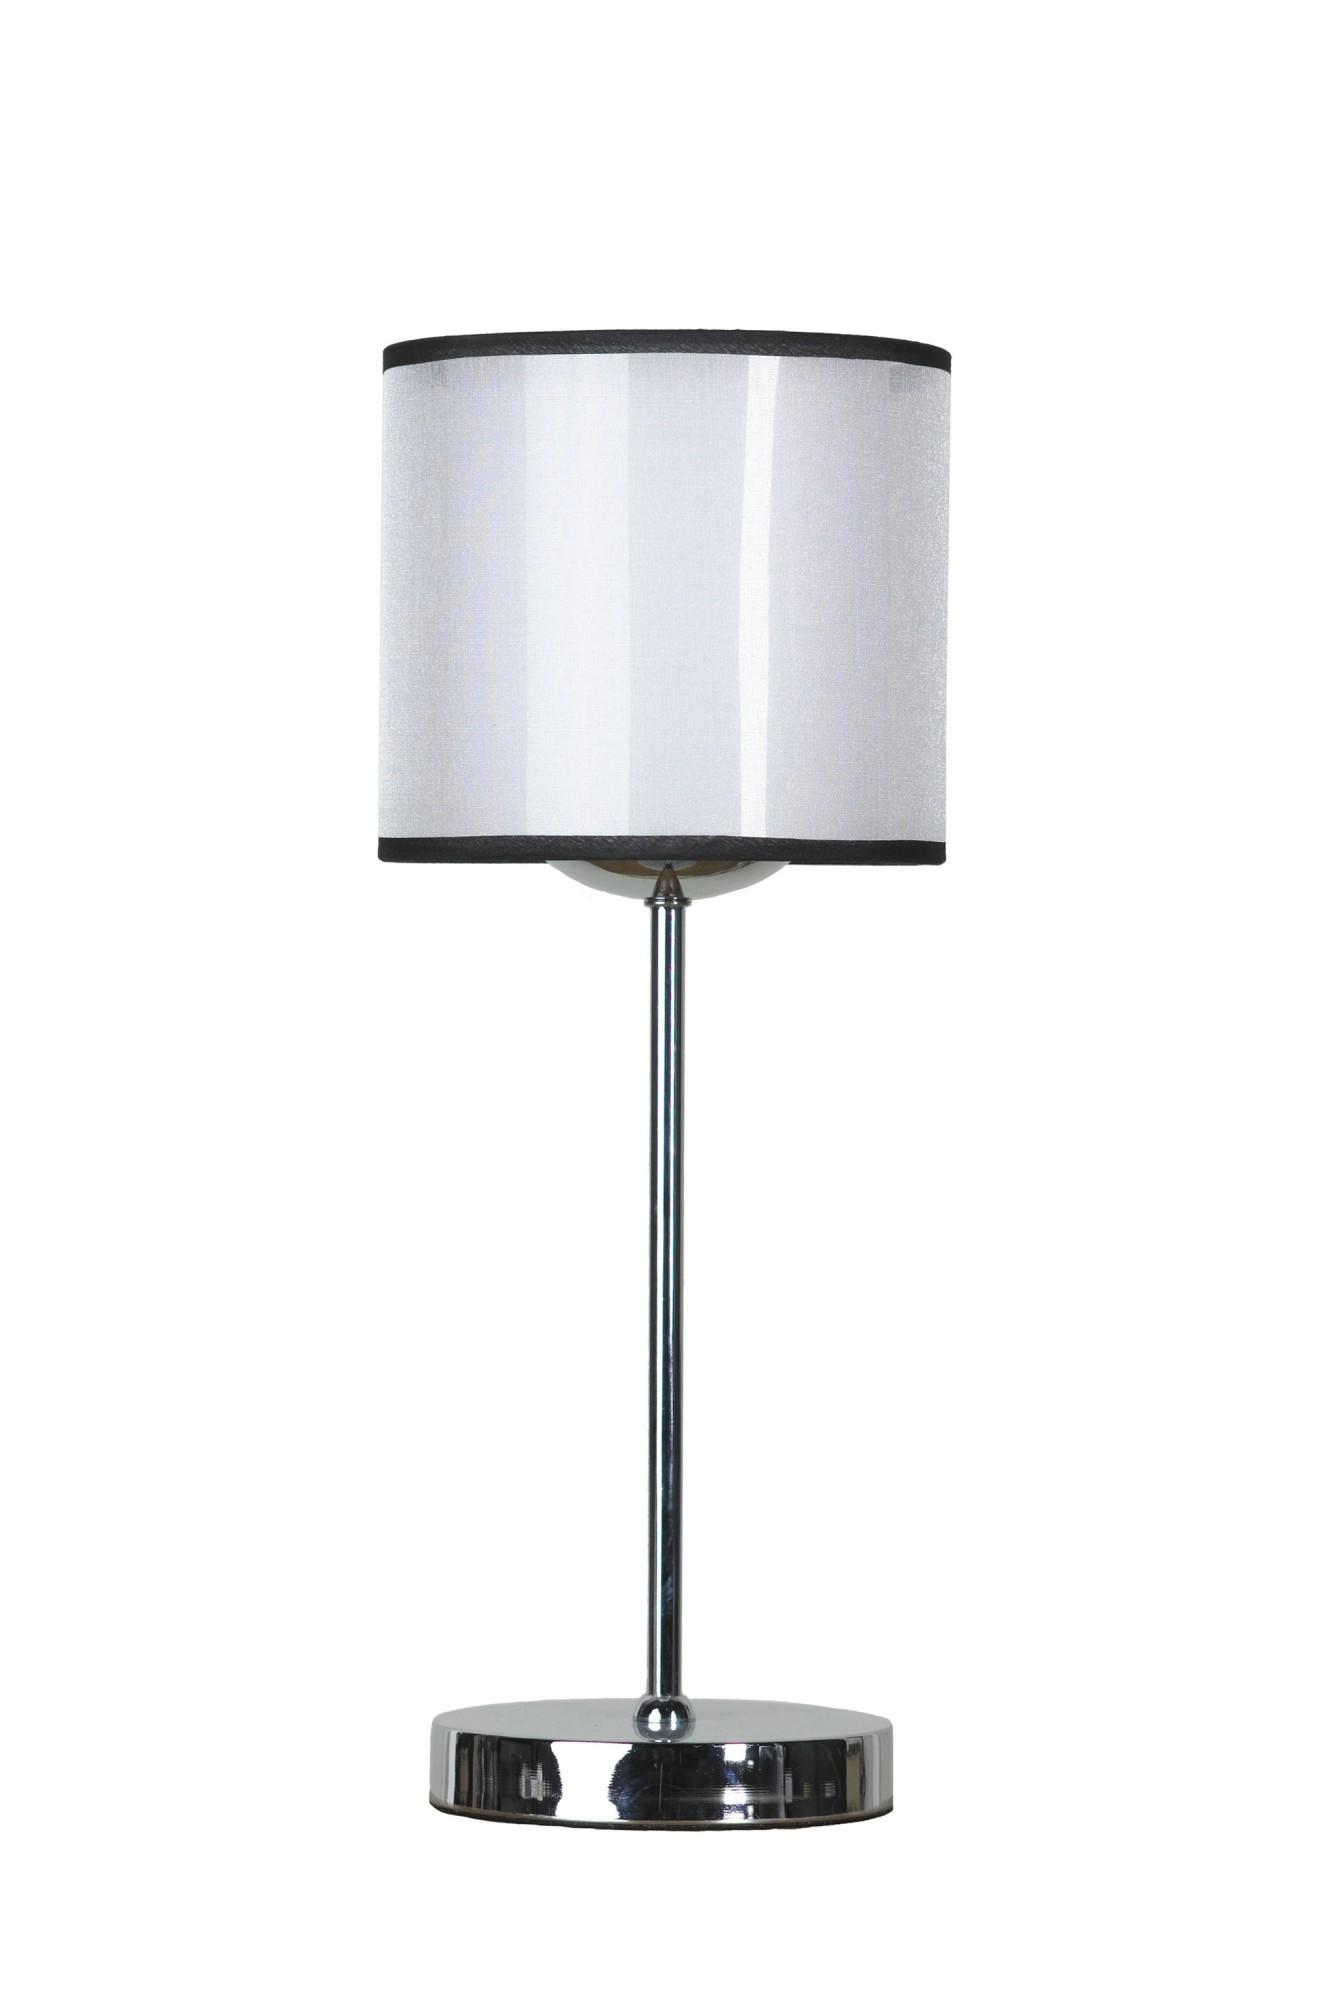 Лампа настольная LussoleЛампы настольные<br>Тип настольной лампы: декоративная,<br>Назначение светильника: для комнаты,<br>Стиль светильника: модерн,<br>Материал светильника: металл, стекло,<br>Ширина: 180,<br>Количество ламп: 1,<br>Тип лампы: накаливания,<br>Мощность: 60,<br>Патрон: Е27,<br>Цвет арматуры: хром<br>